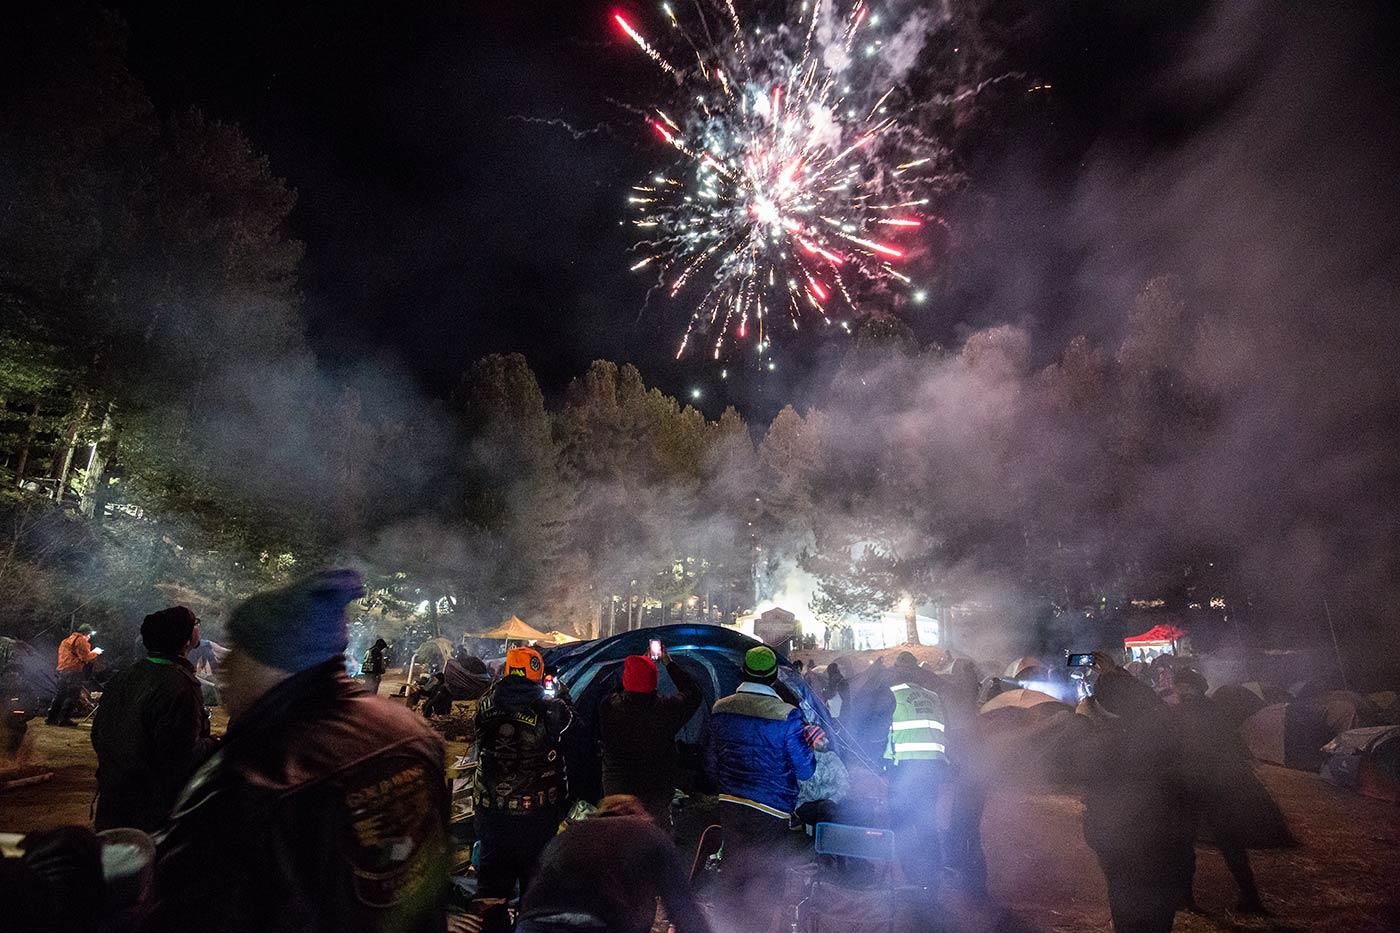 Fuochi d'artificio Silantreffen 2020